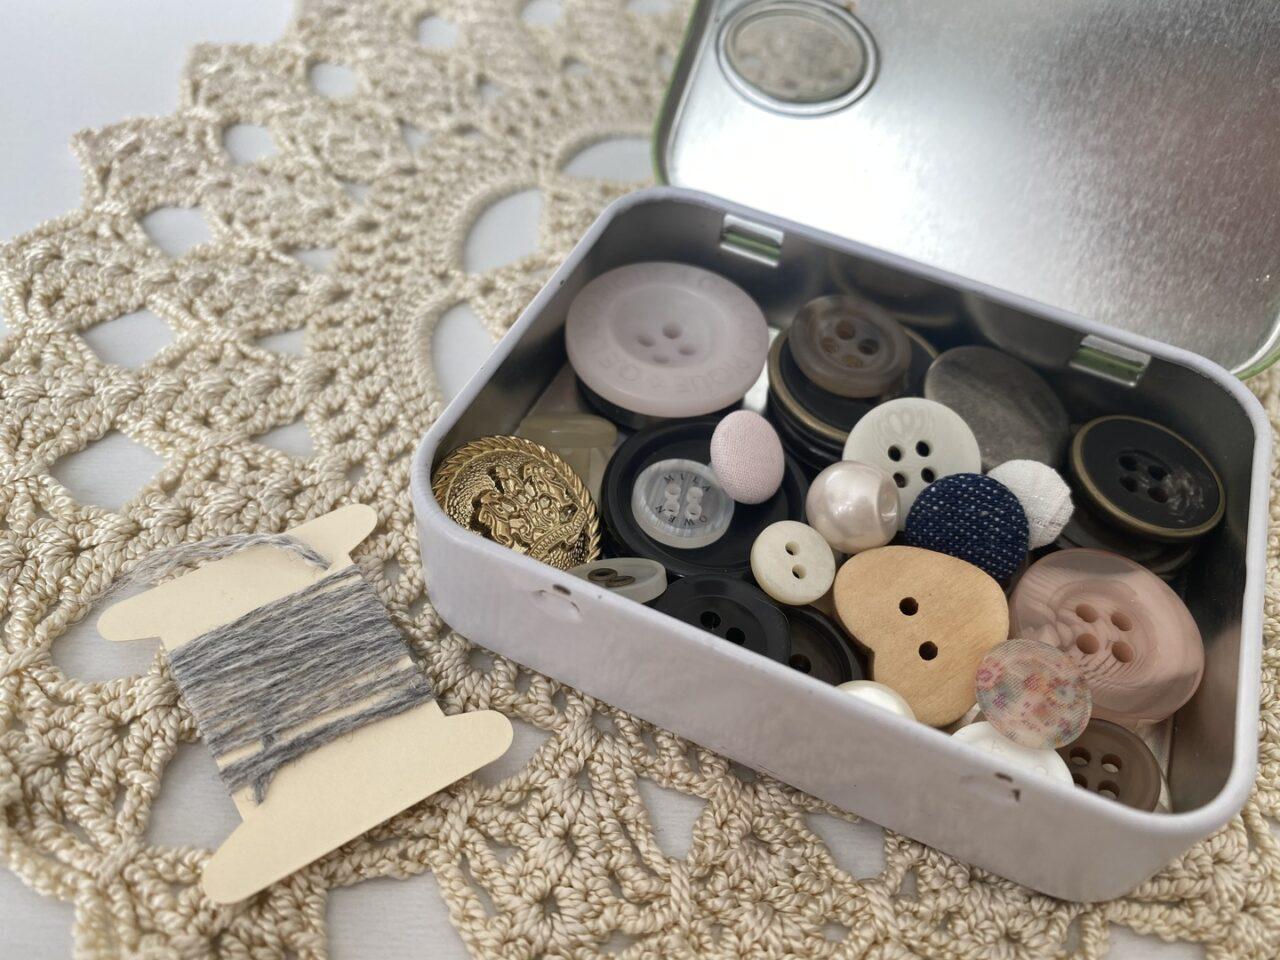 タブレット缶に予備のボタン